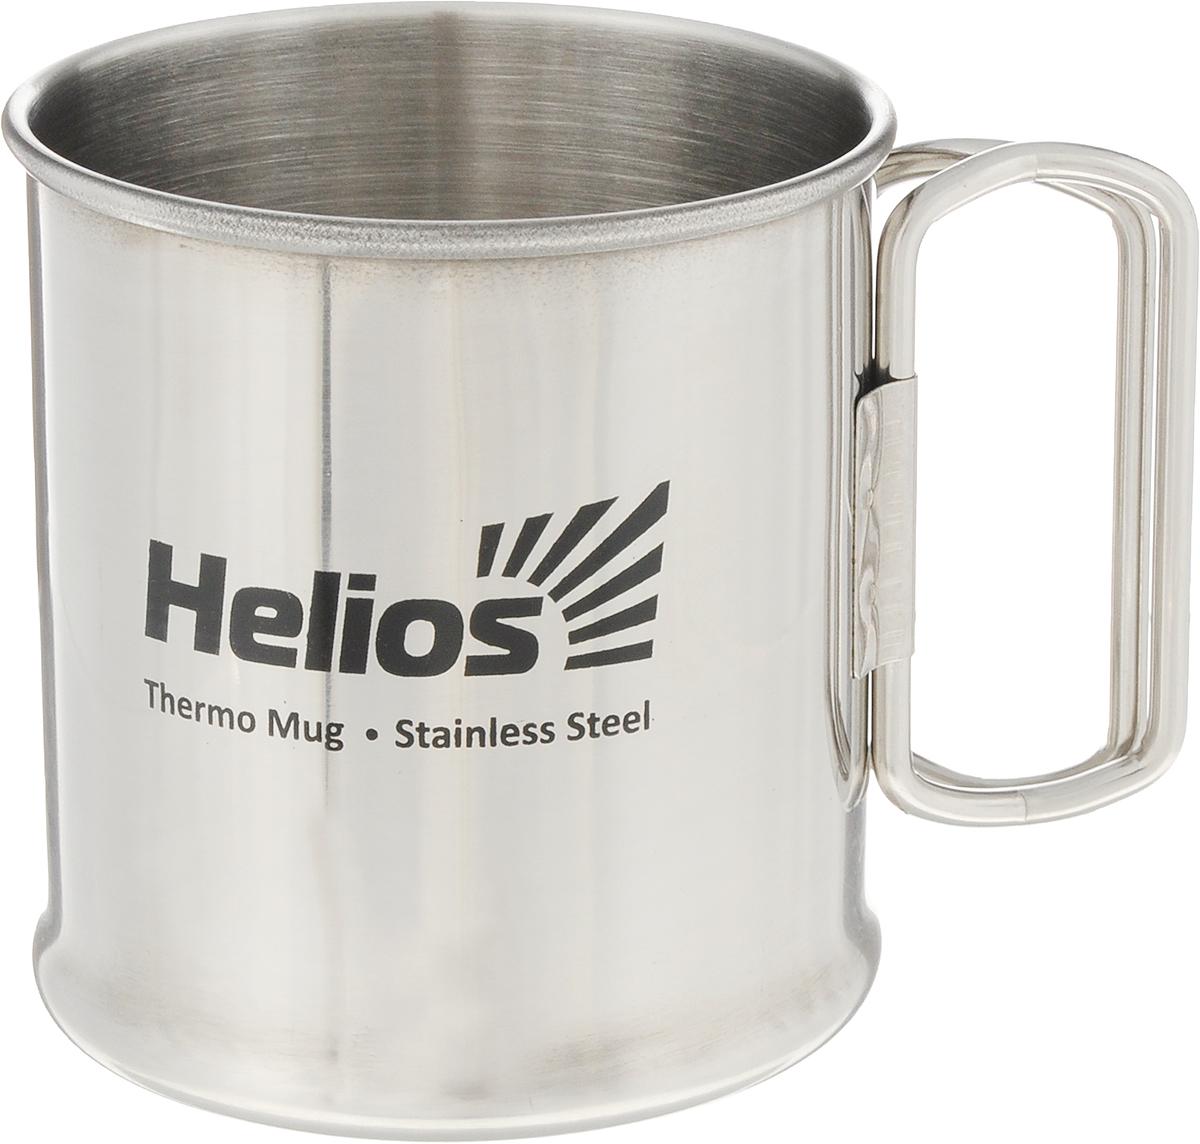 Термокружка HeliosHS TK-014,300 млP737790Термокружка Helios HS TK-014 предназначена специально для горячих и холодных напитков. Она изготовлена из высококачественной нержавеющей стали. Благодаря складным ручкам кружка занимает минимум места в рюкзаке. Такая кружка прекрасно сохраняет свою целостность и первозданный вид даже при многократном использовании. Диаметр кружки (по верхнему краю): 7 см. Высота кружки: 8 см.